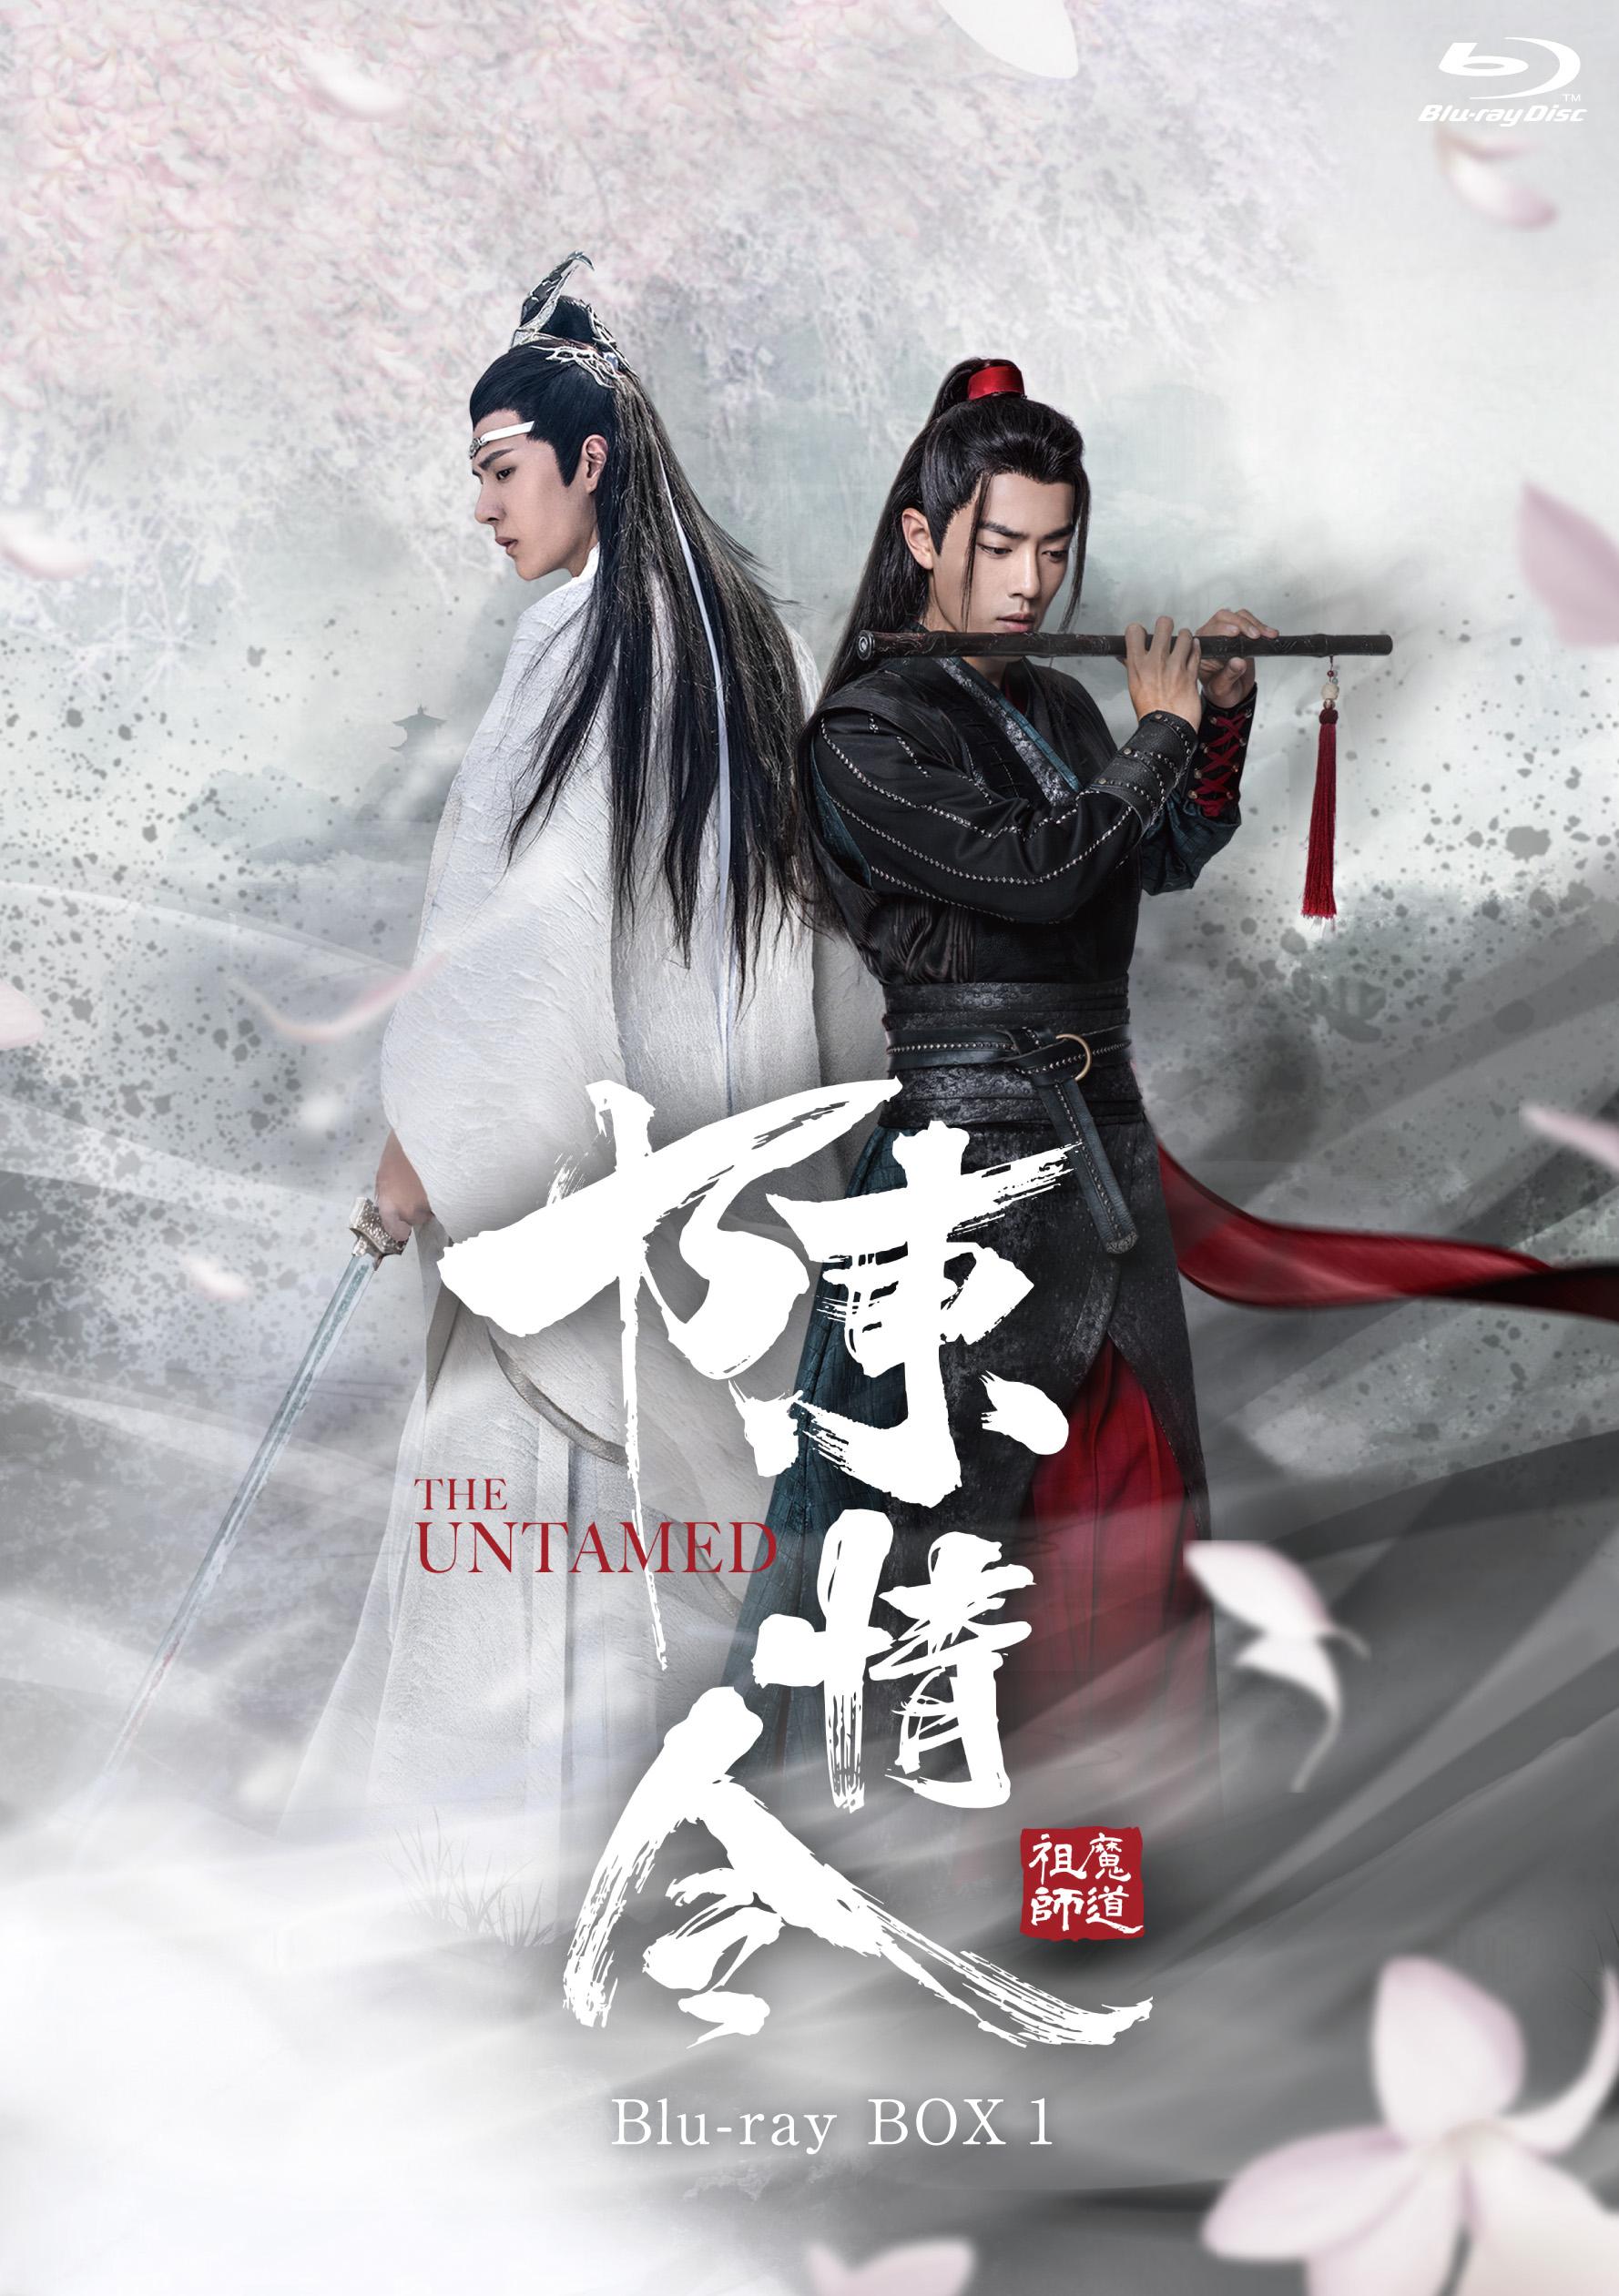 ドラマ「陳情令」Blu-ray BOX 1